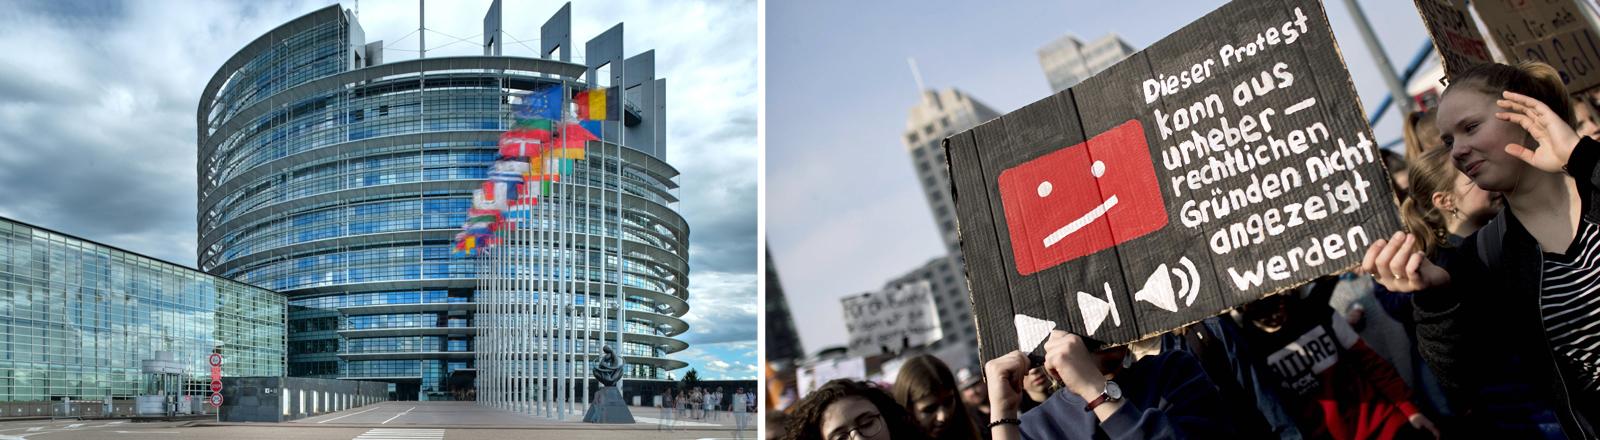 Das Europäische Parlament und Demonstrationen gegen Uploadfilter.